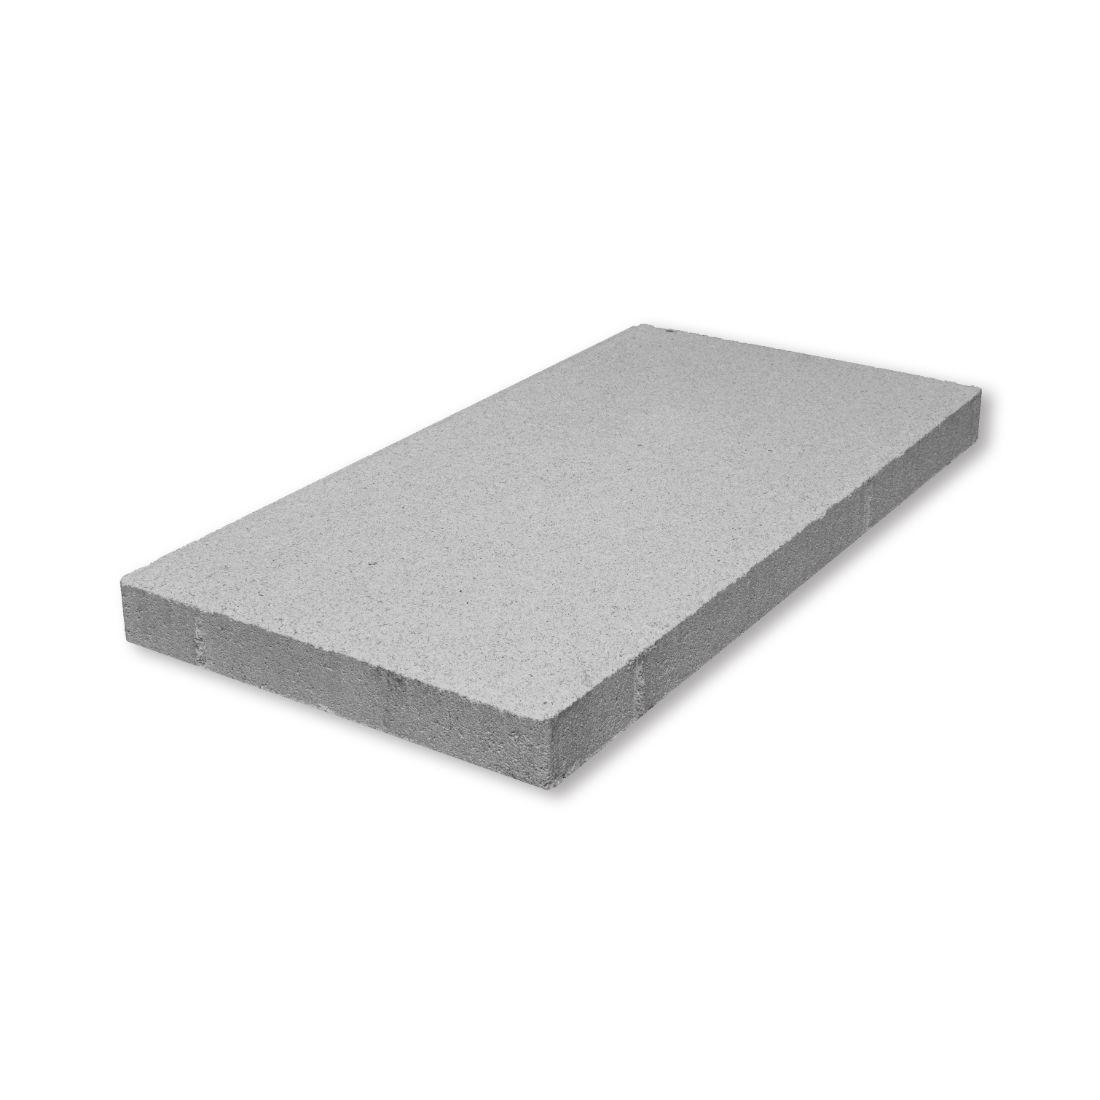 Patio Concrete Paver 542 x 270 x 40mm Ash